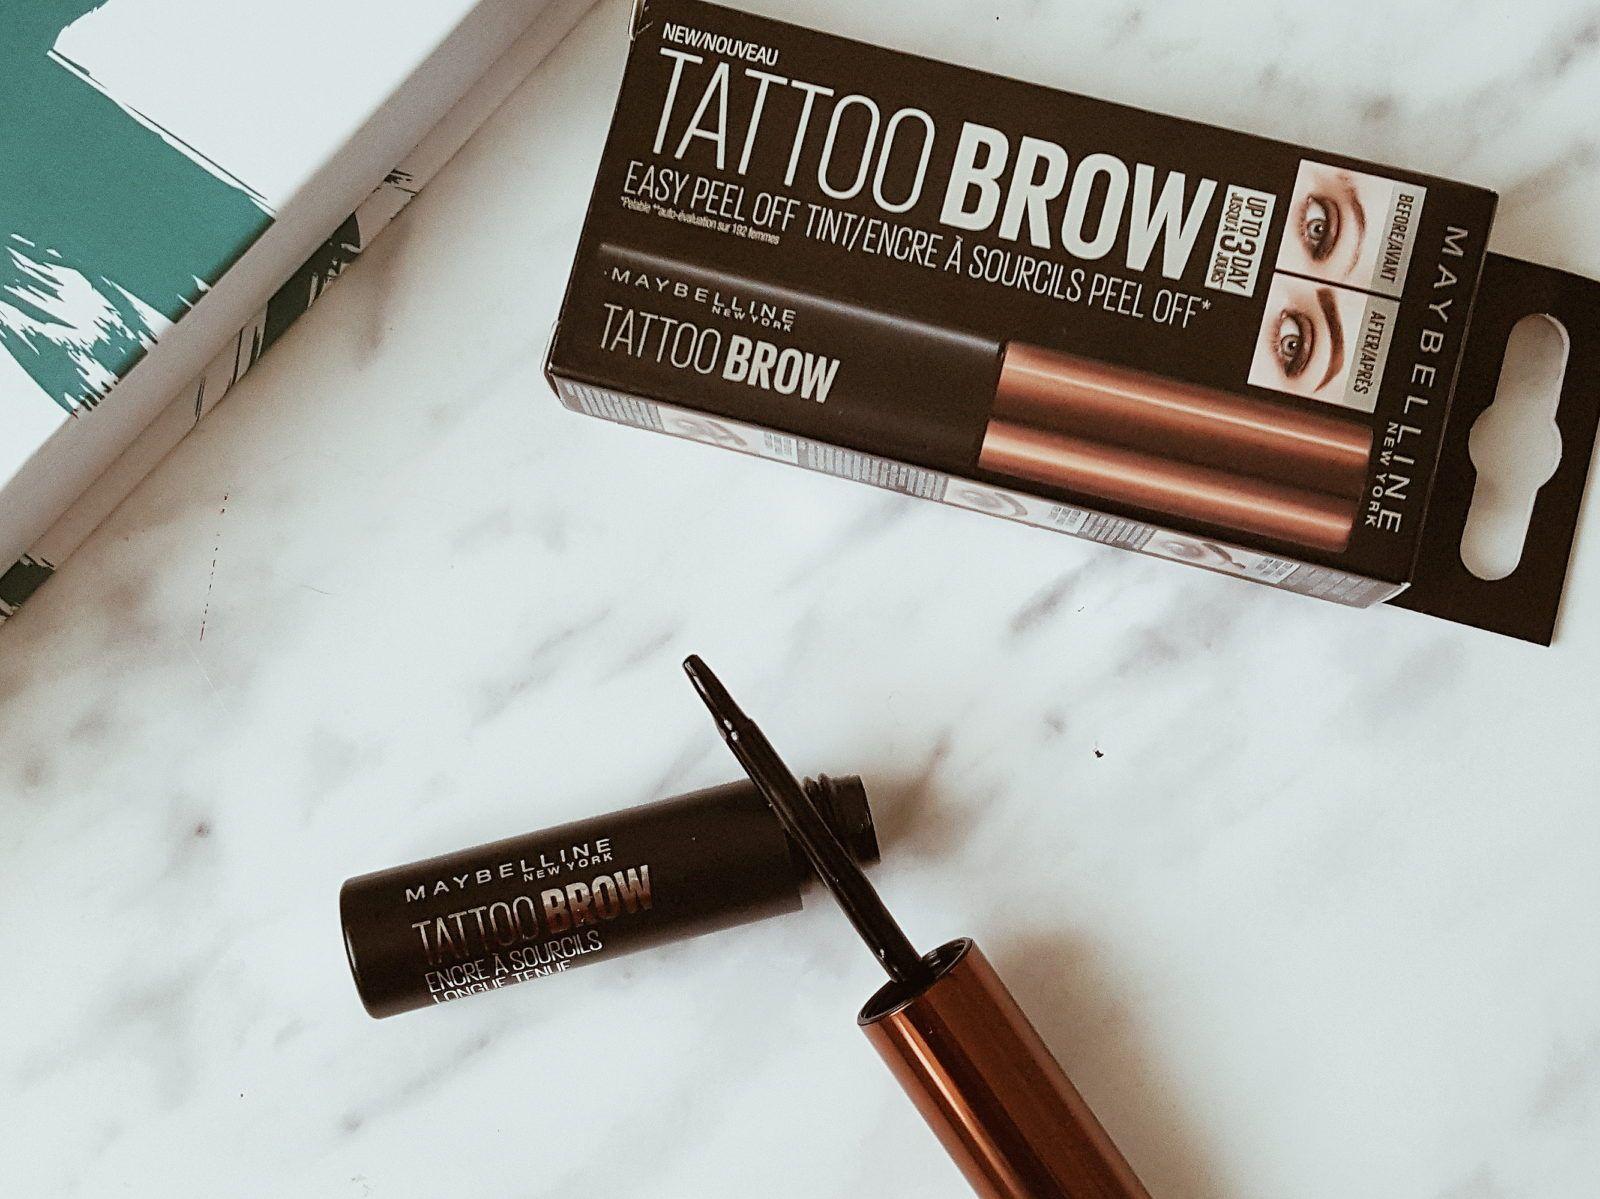 Brow Tattoo colorează sprâncenele pentru 35 zile